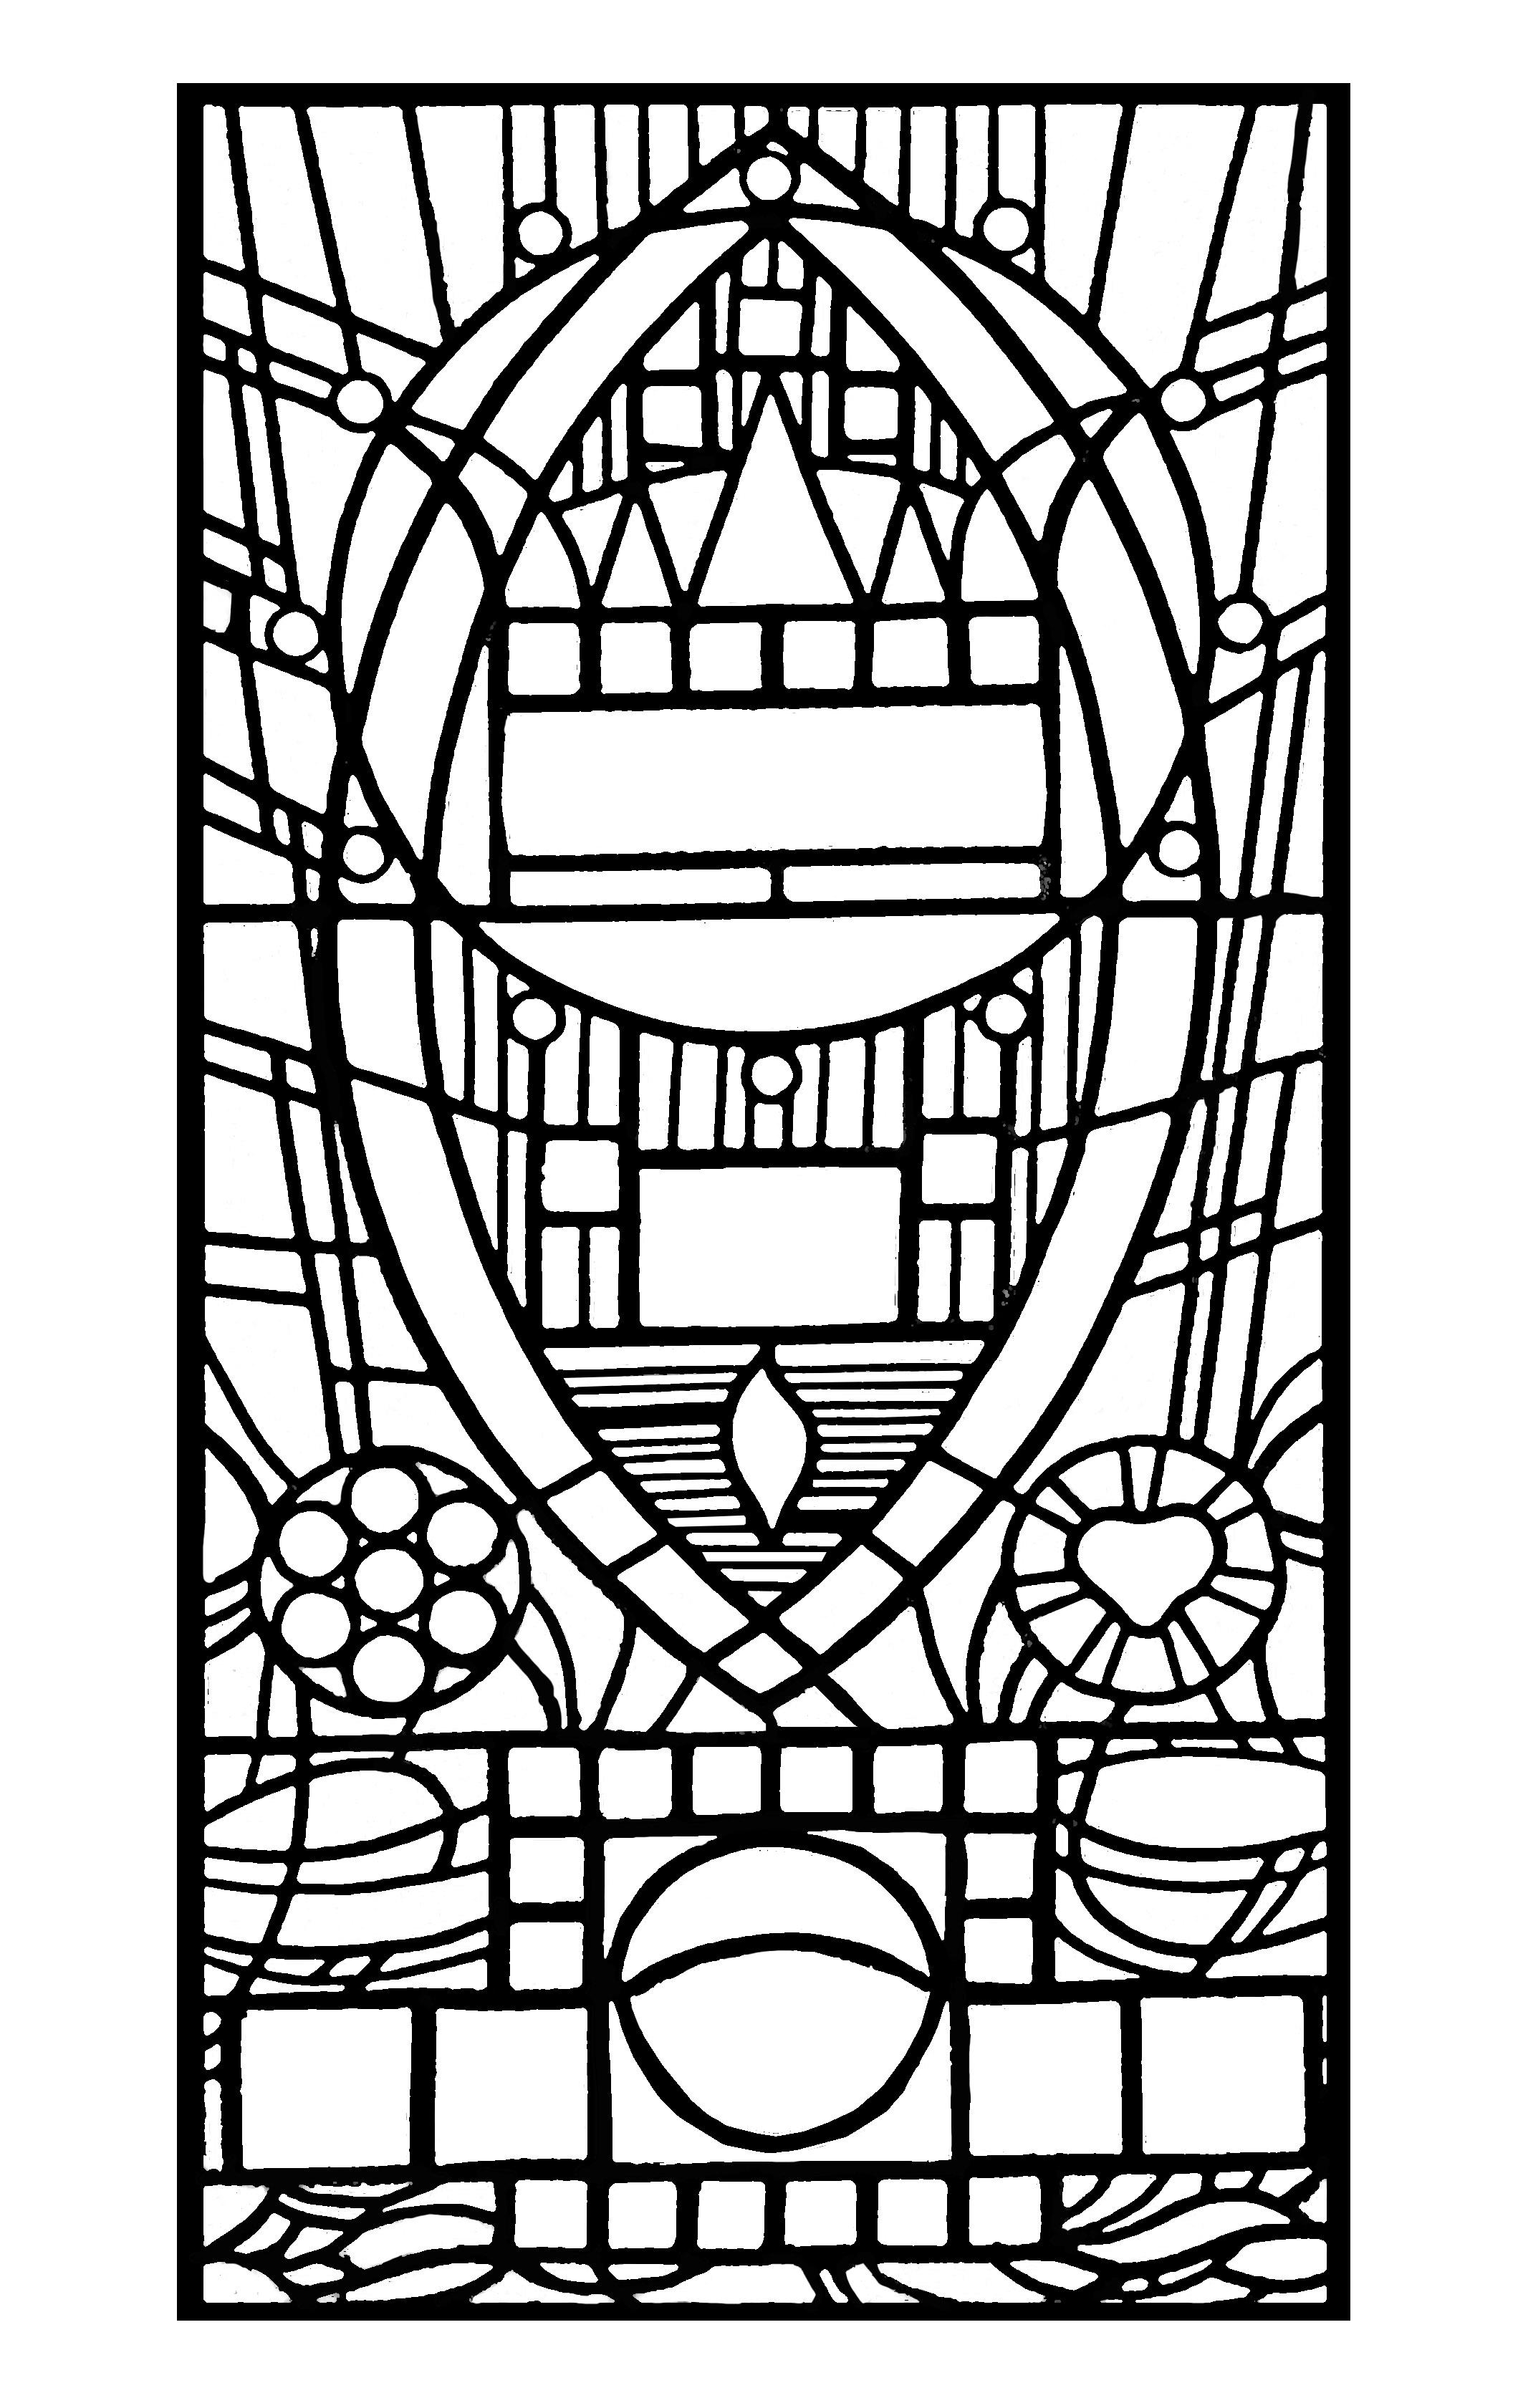 Coloriage pour adulte créé à partir d'une photo de vitrail : l'apparition bleue, chapelle Edegem (aujourd'hui disparue)